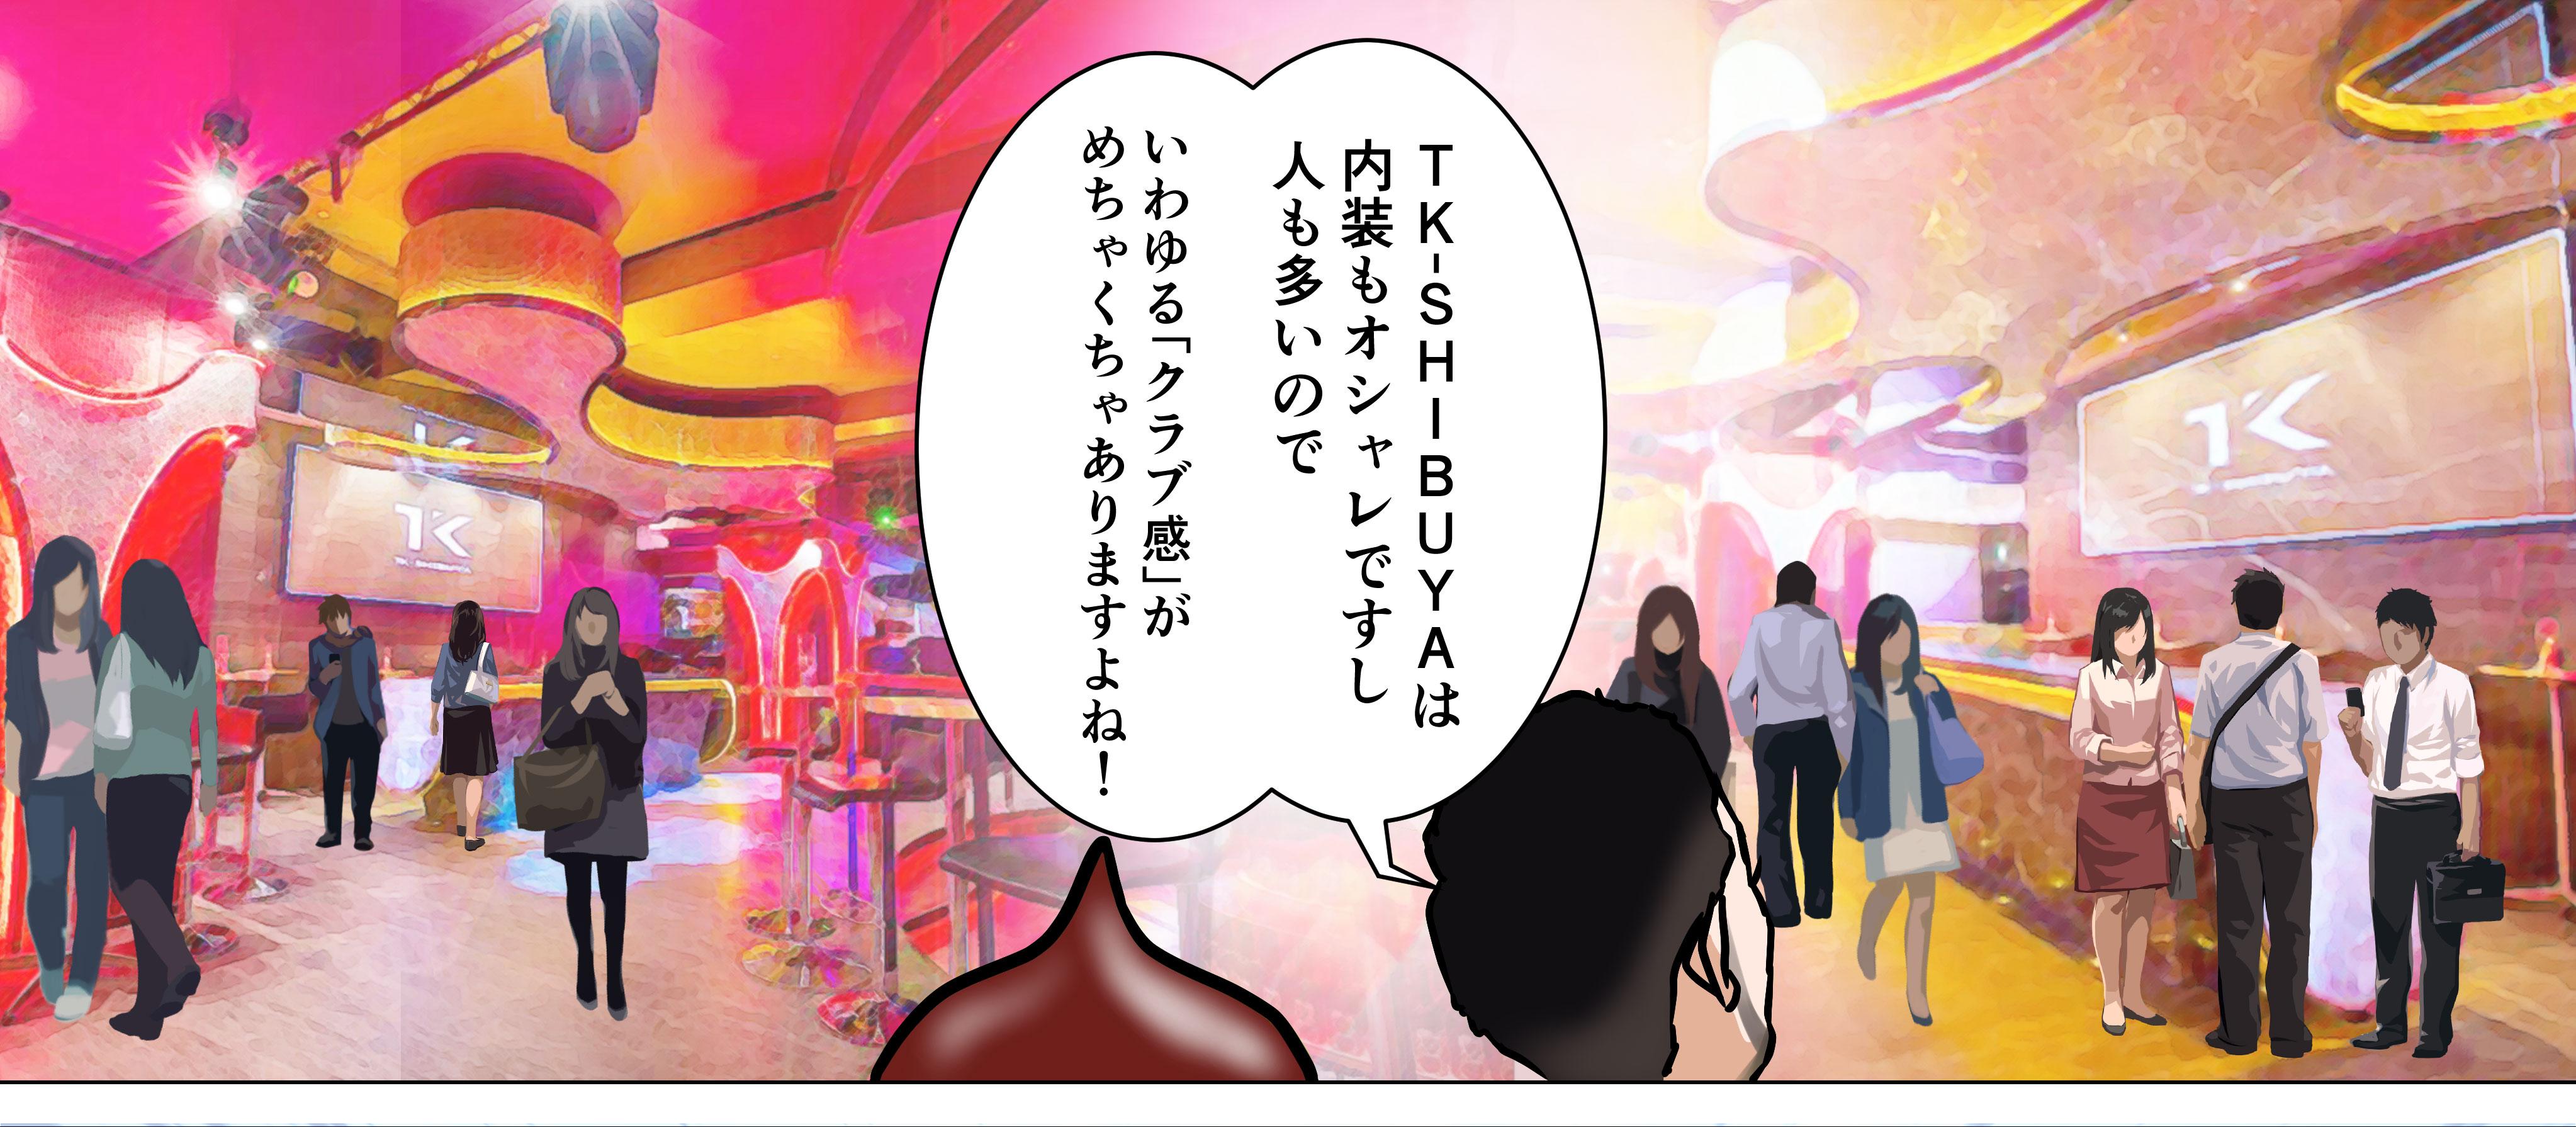 TK-SHIBUYAは内装もオシャレですし、人も多いので、いわゆる「クラブ感」がめちゃくちゃありますよね!